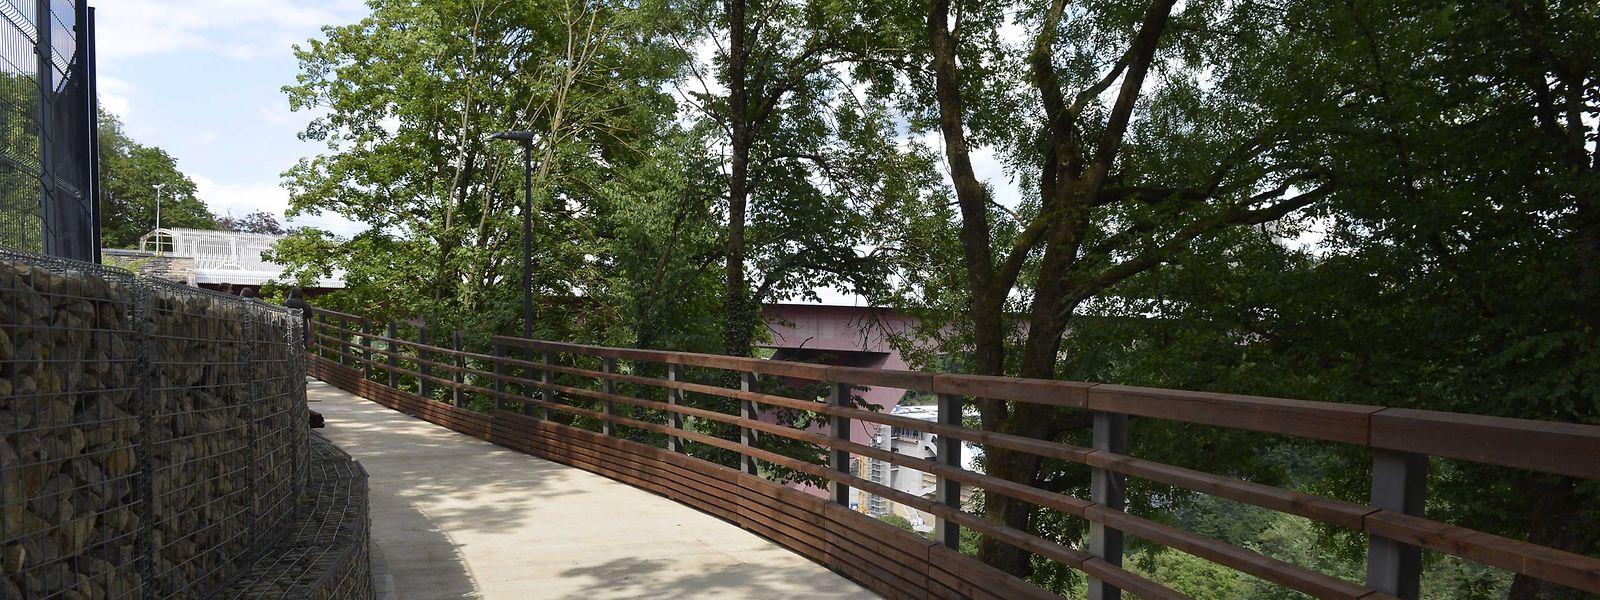 Le nouveau tronçon qui va du Pont-Rouge vers la Ville via  la partie publique du parc Pescatore sera ouvert au public à partir de ce jeudi 27 juillet 2017 à 12 heures.